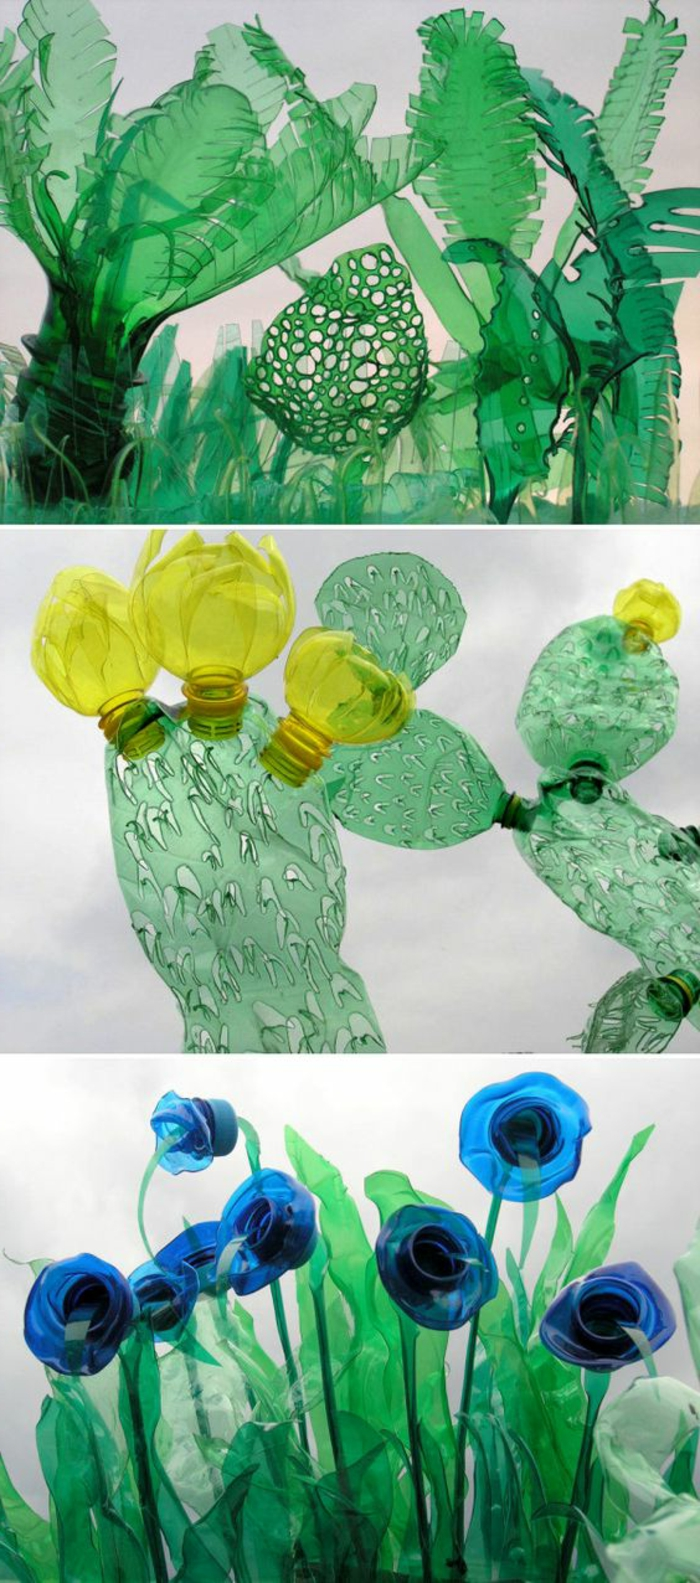 bricolage avec des bouteilles en plastique, créations originales de déchets recyclables